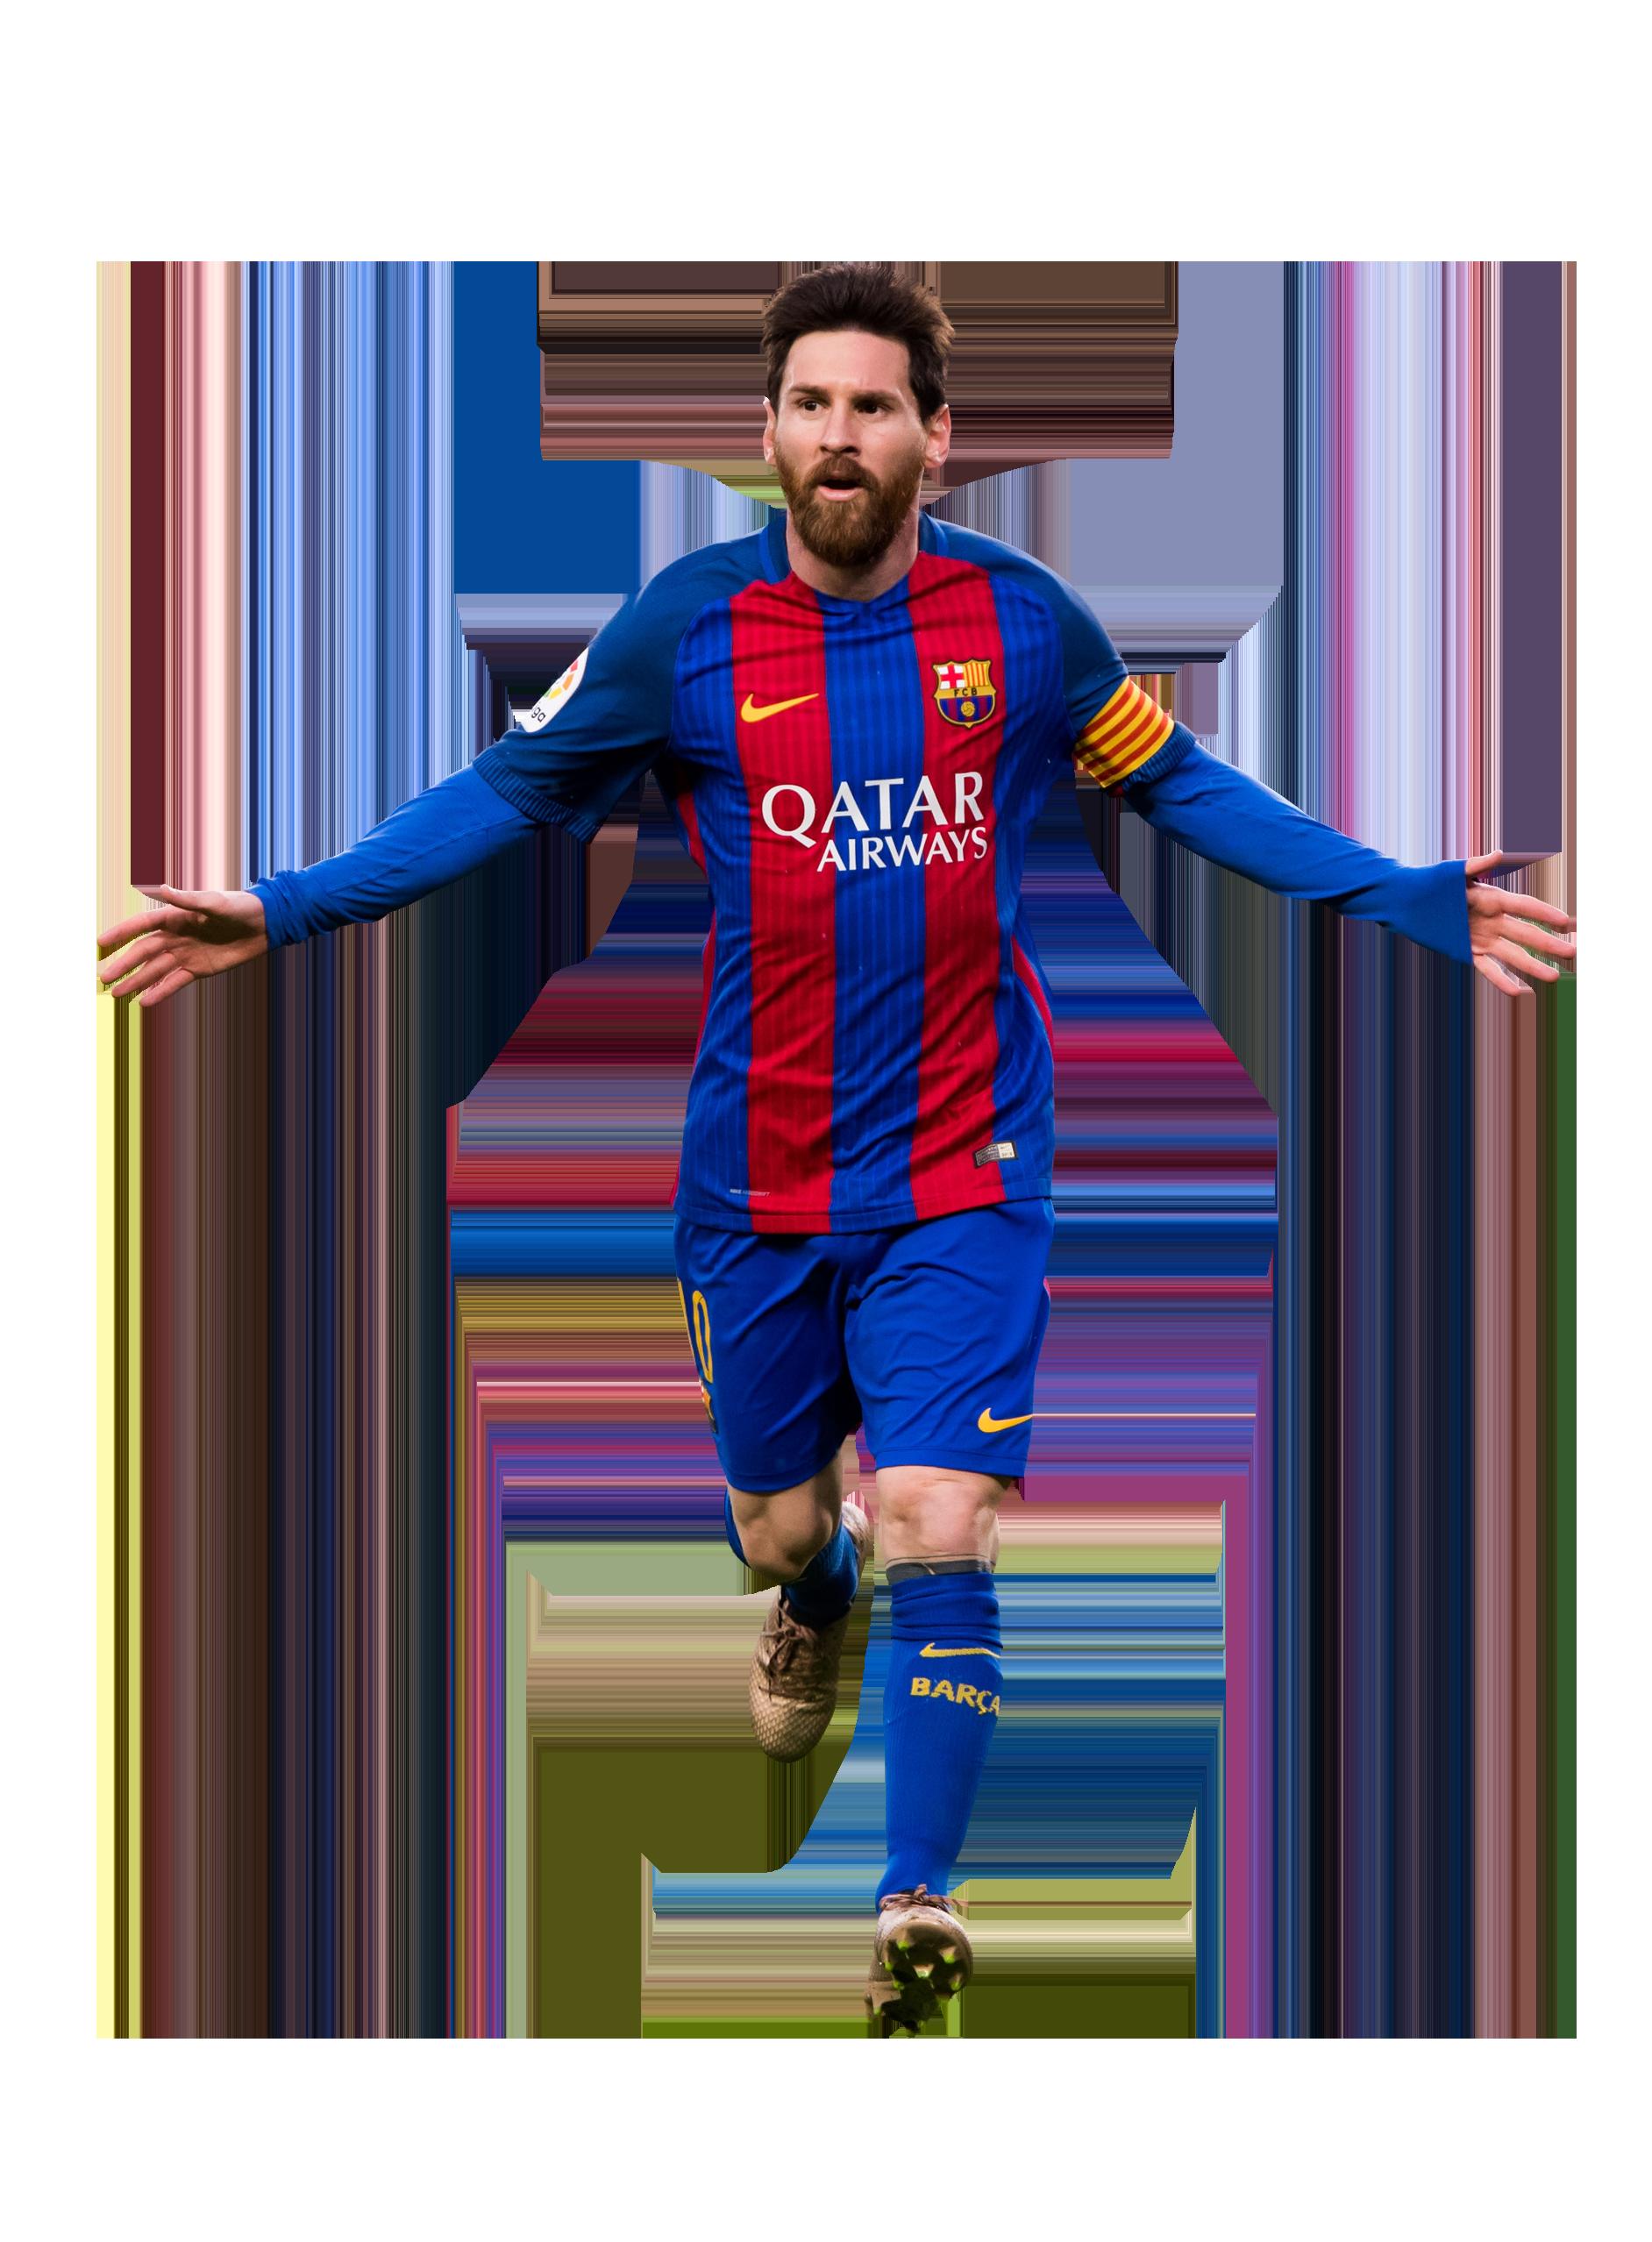 Messi by geri1994 on DeviantArt